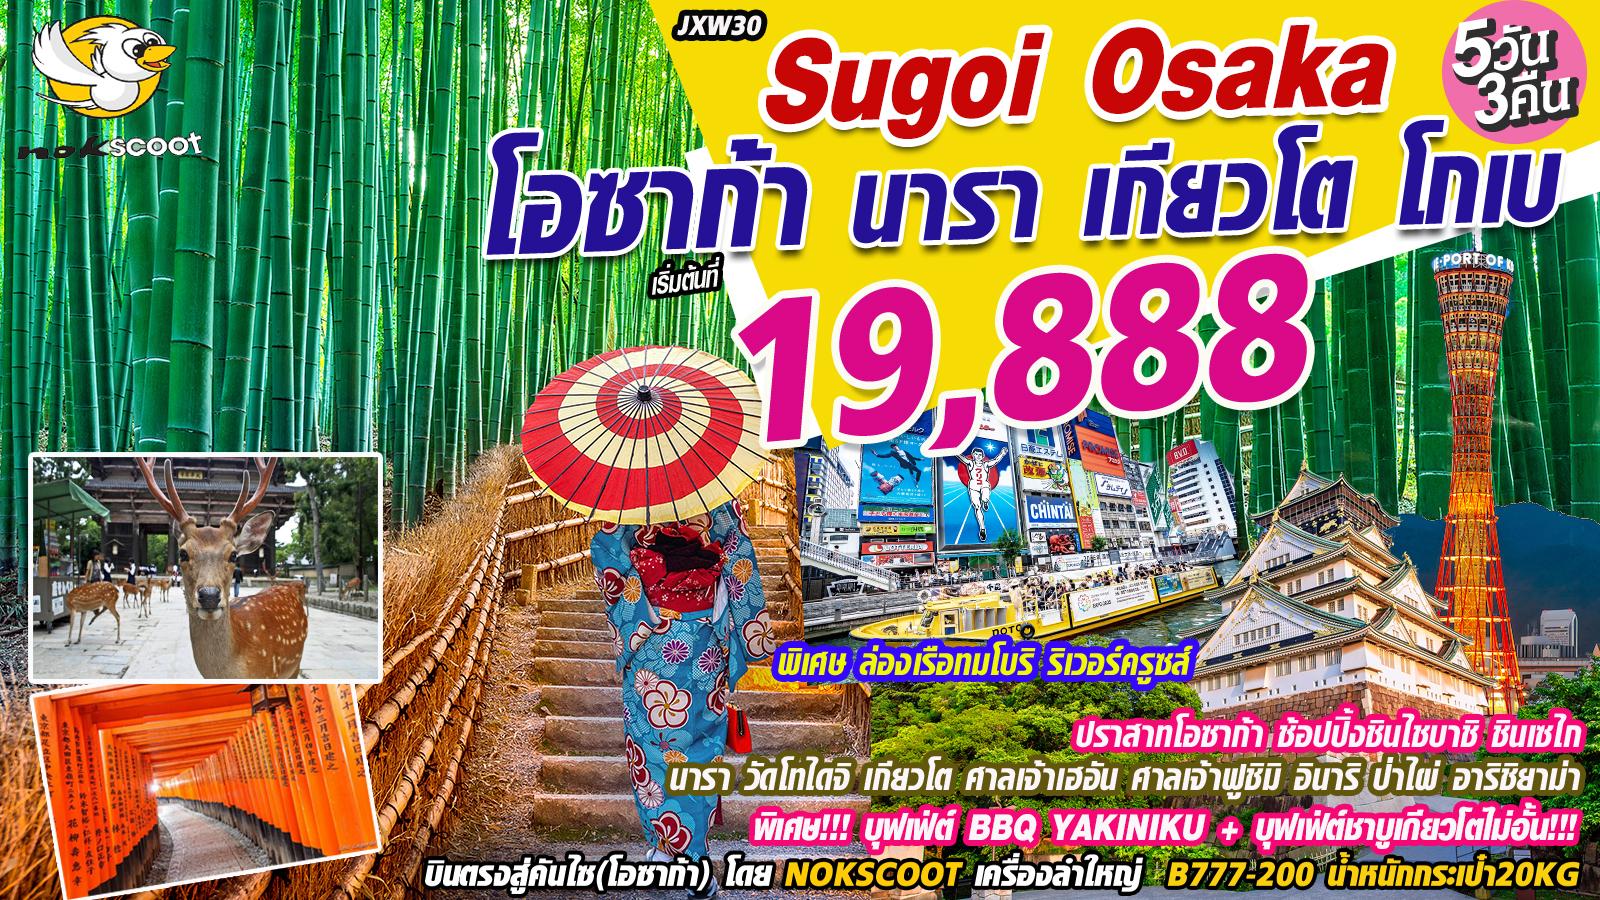 ทัวร์ญี่ปุ่น Sugoi Osaka โอซาก้า นารา เกียวโต โกเบ 5วัน 3คืน